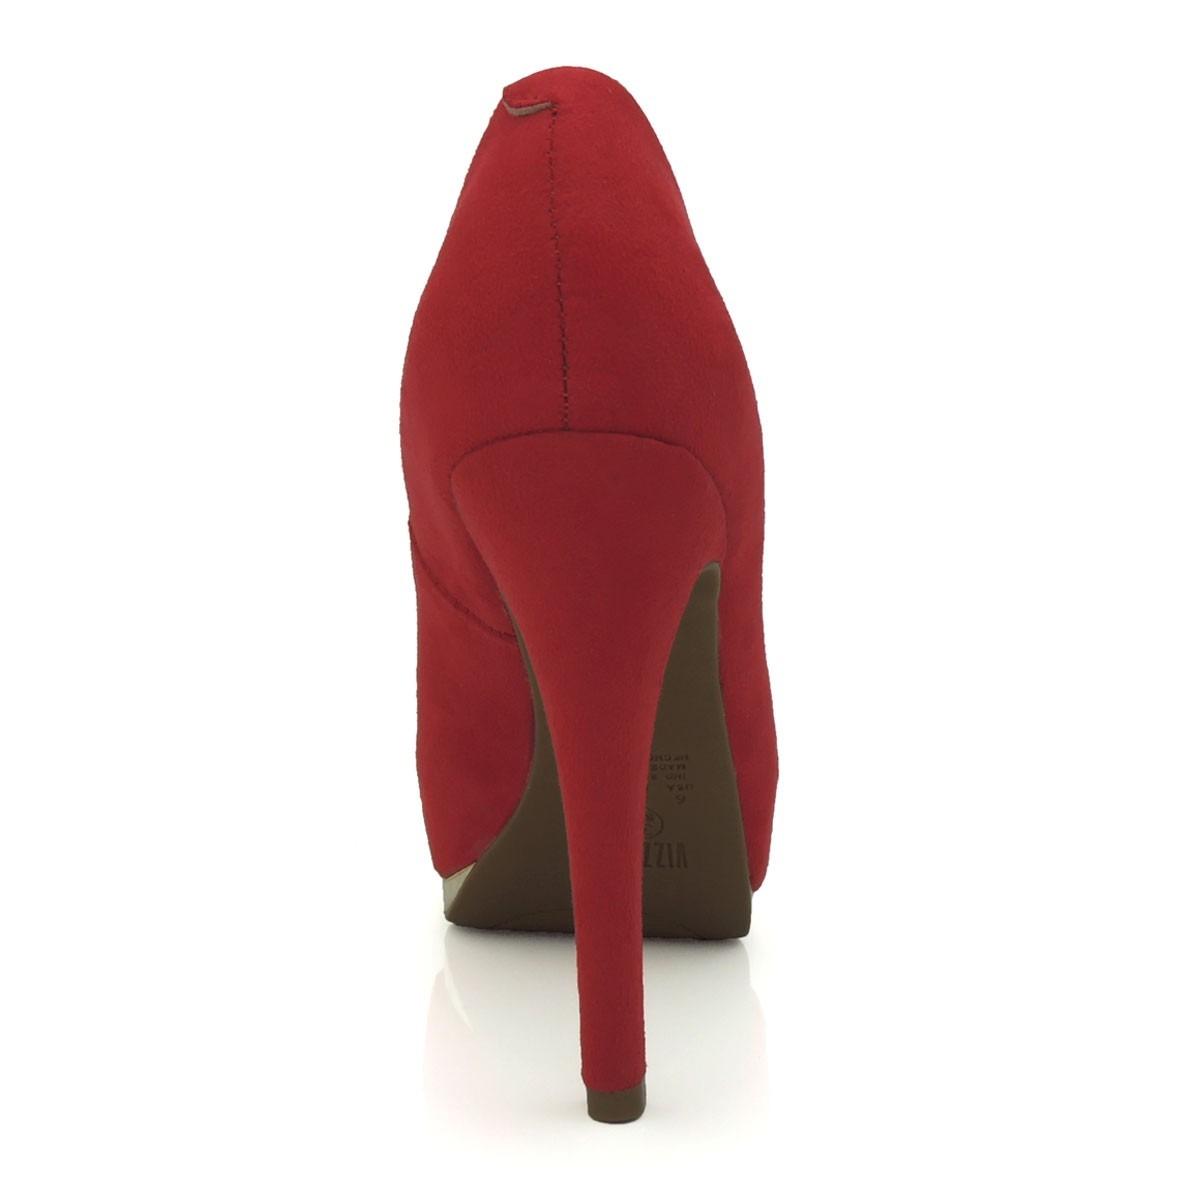 ce068ebf88 Carregando zoom... feminino scarpin sapato. Carregando zoom... sapato  feminino scarpin vizzano 1157200 meia pata